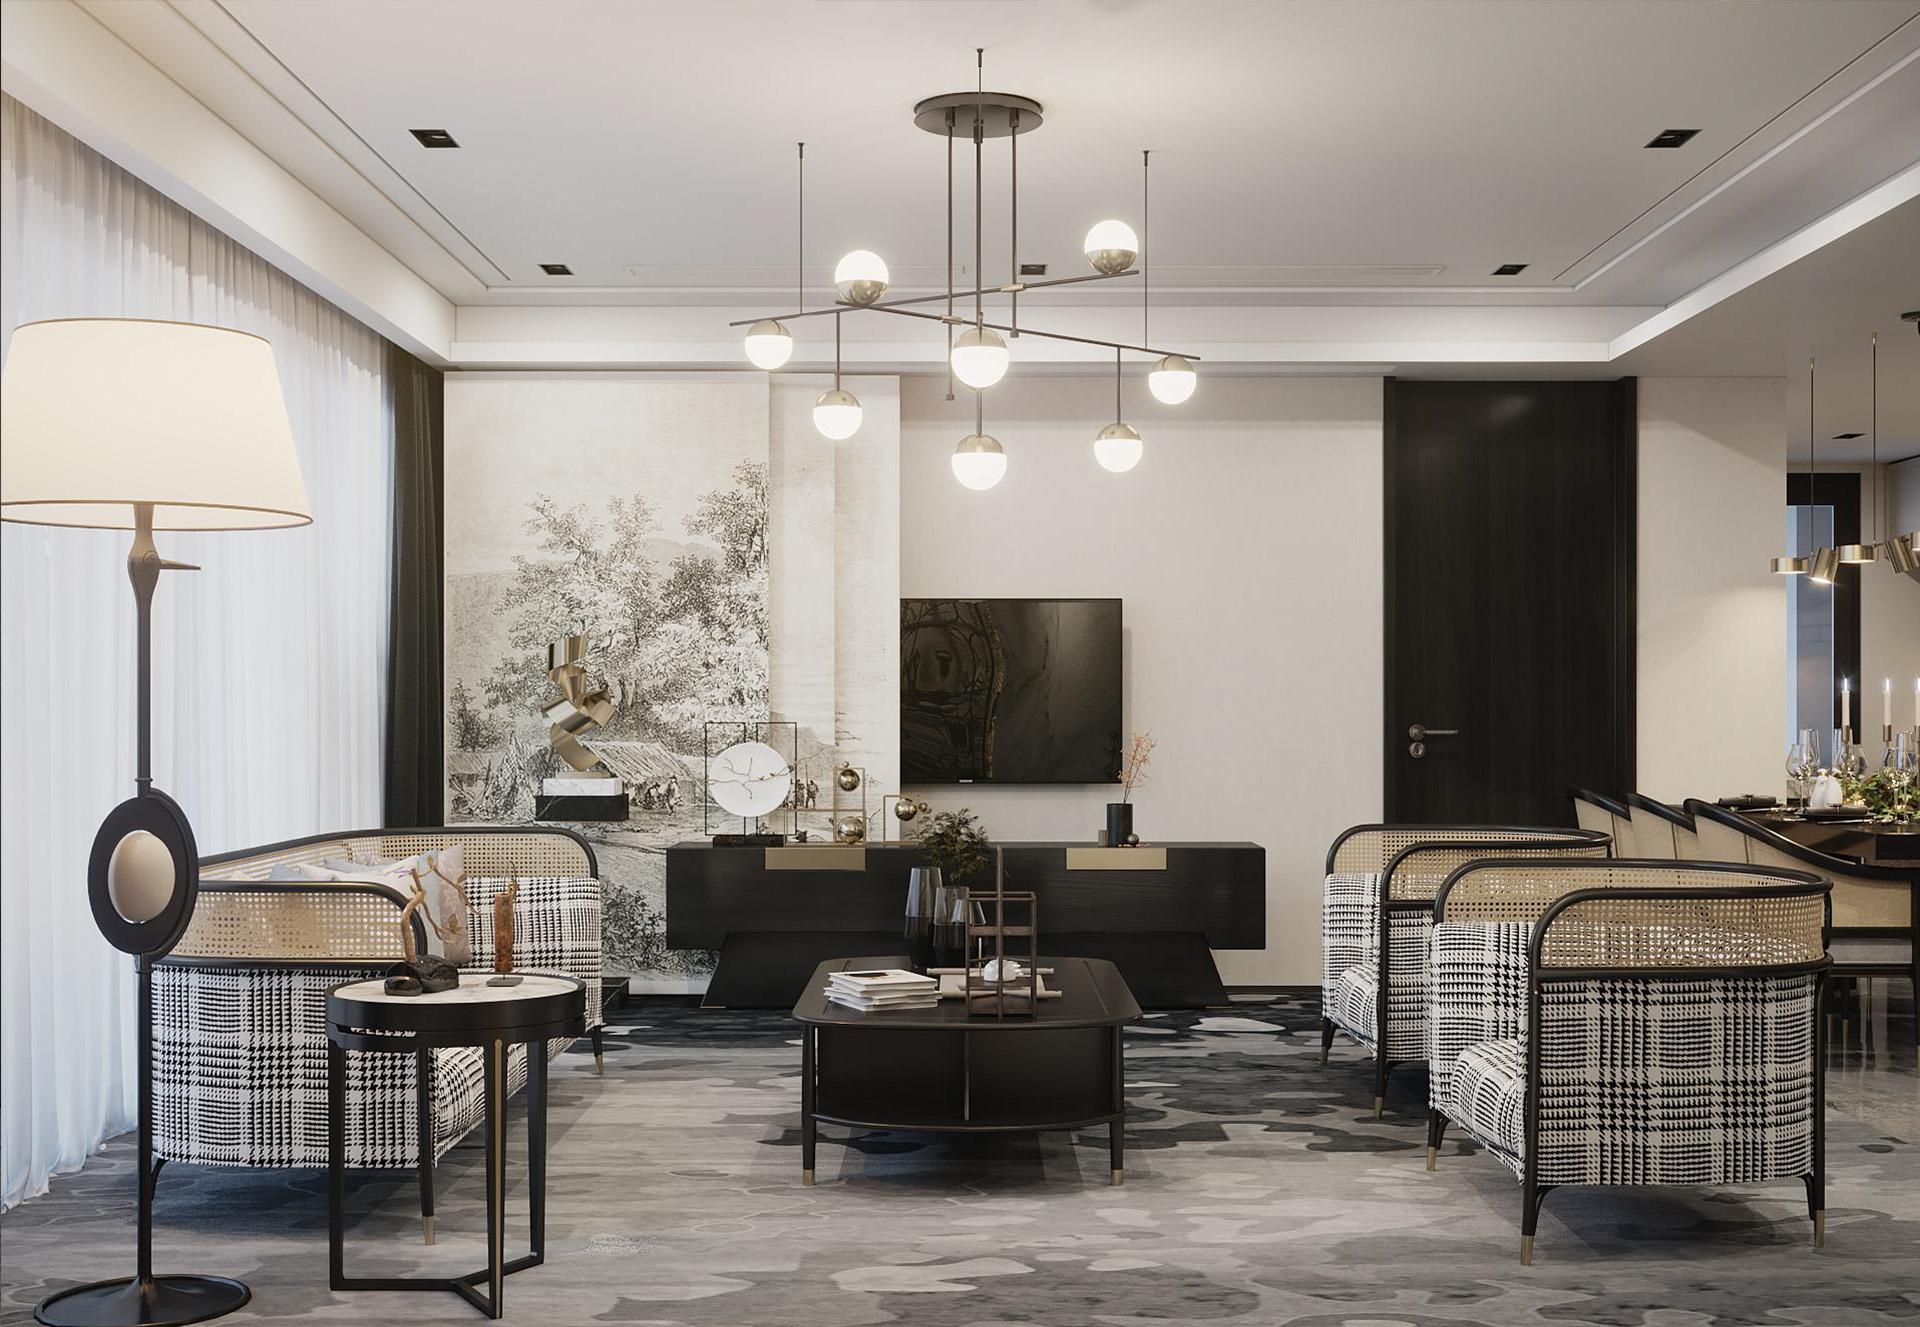 Mẫu thiết kế nội thất đẹp với nội thất hài hòa trong họa tiết và màu sắc